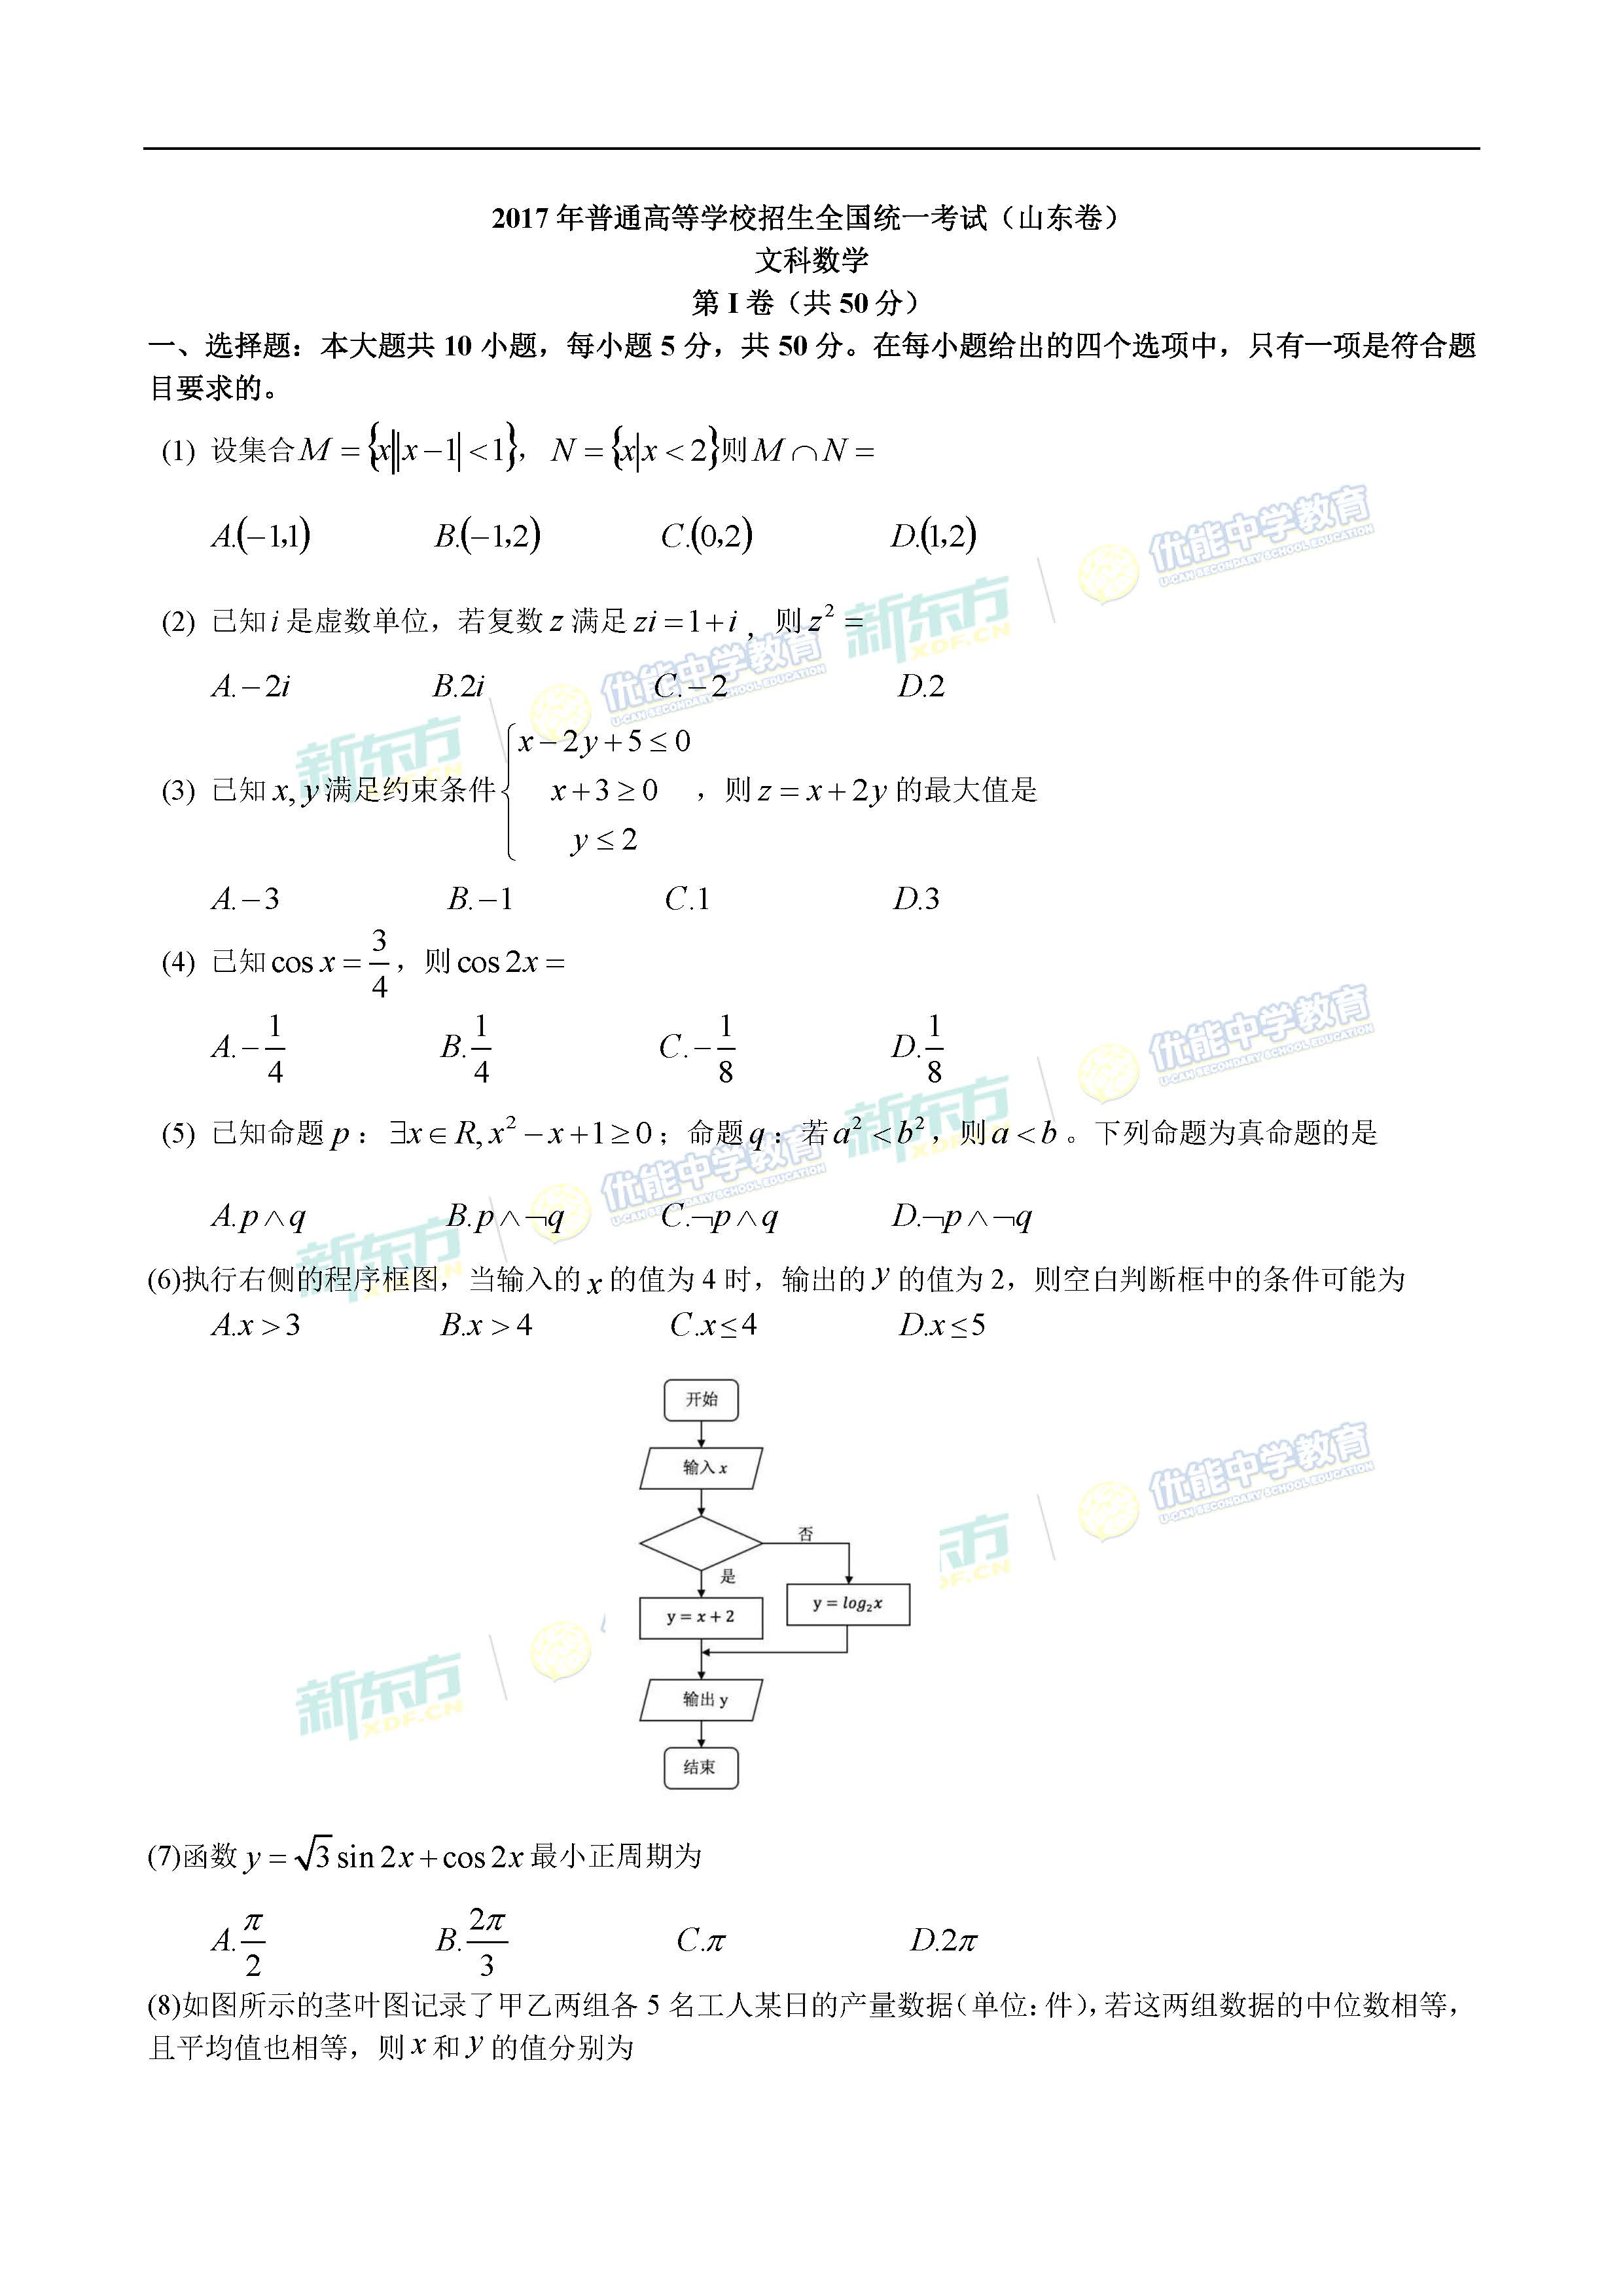 2017山东高考数学文试卷答案逐题解析(济南新东方优能)